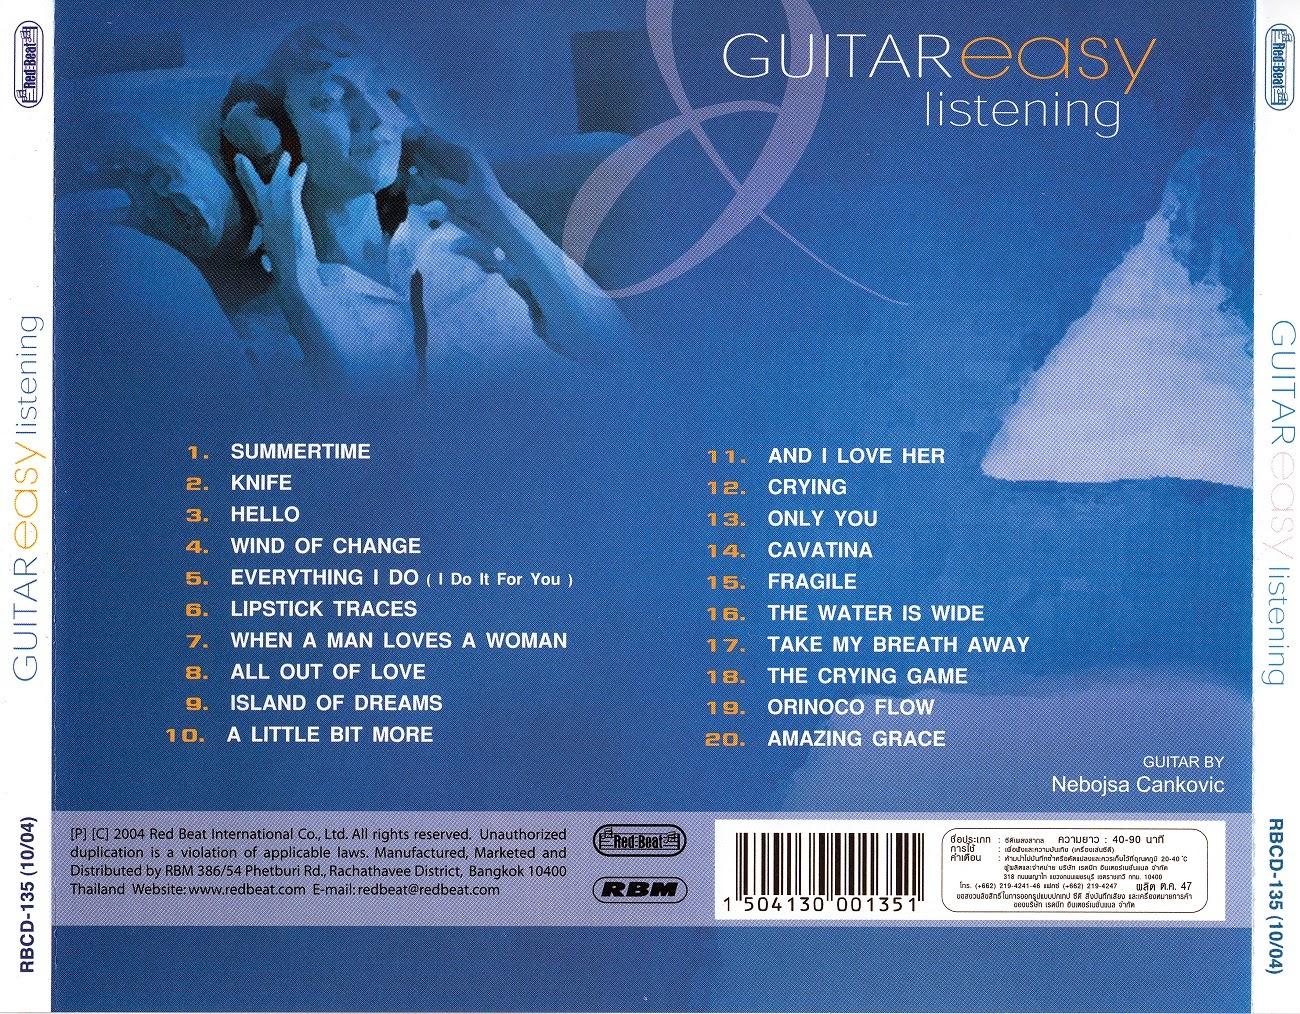 guitar nebojsa cankovic guitar easy listening 2004 flac. Black Bedroom Furniture Sets. Home Design Ideas